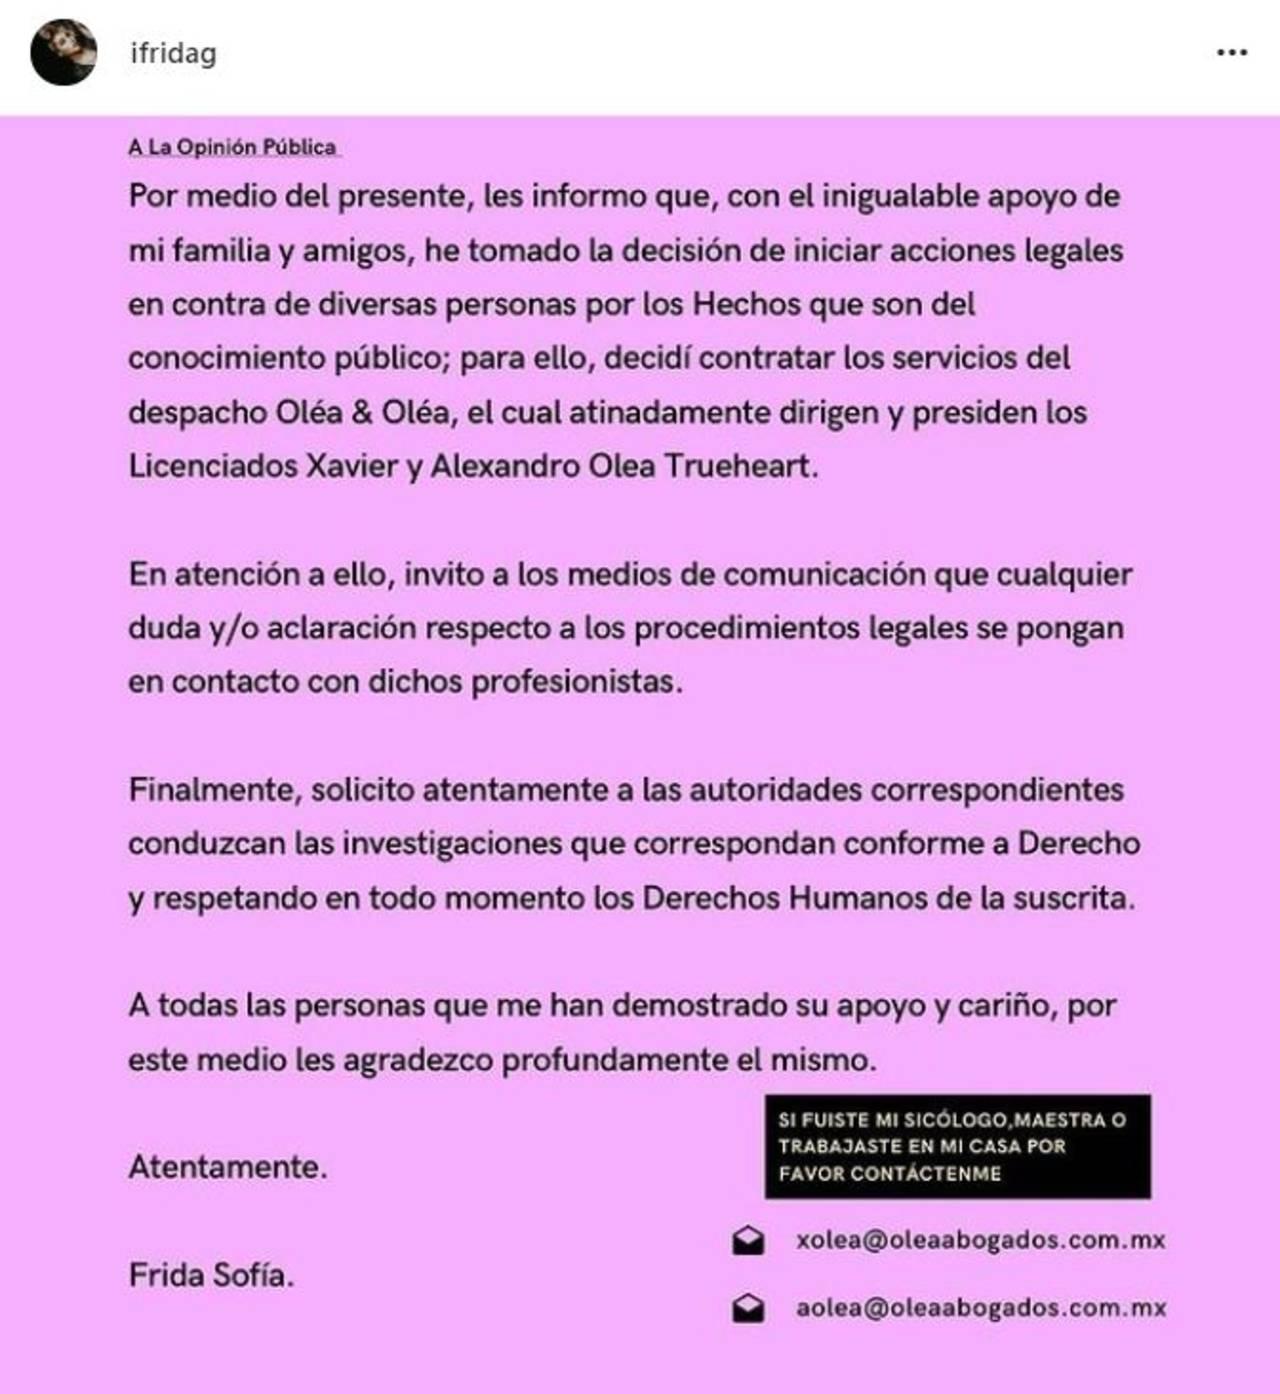 Frida Sofía inicia acciones legales Enrique Guzmán